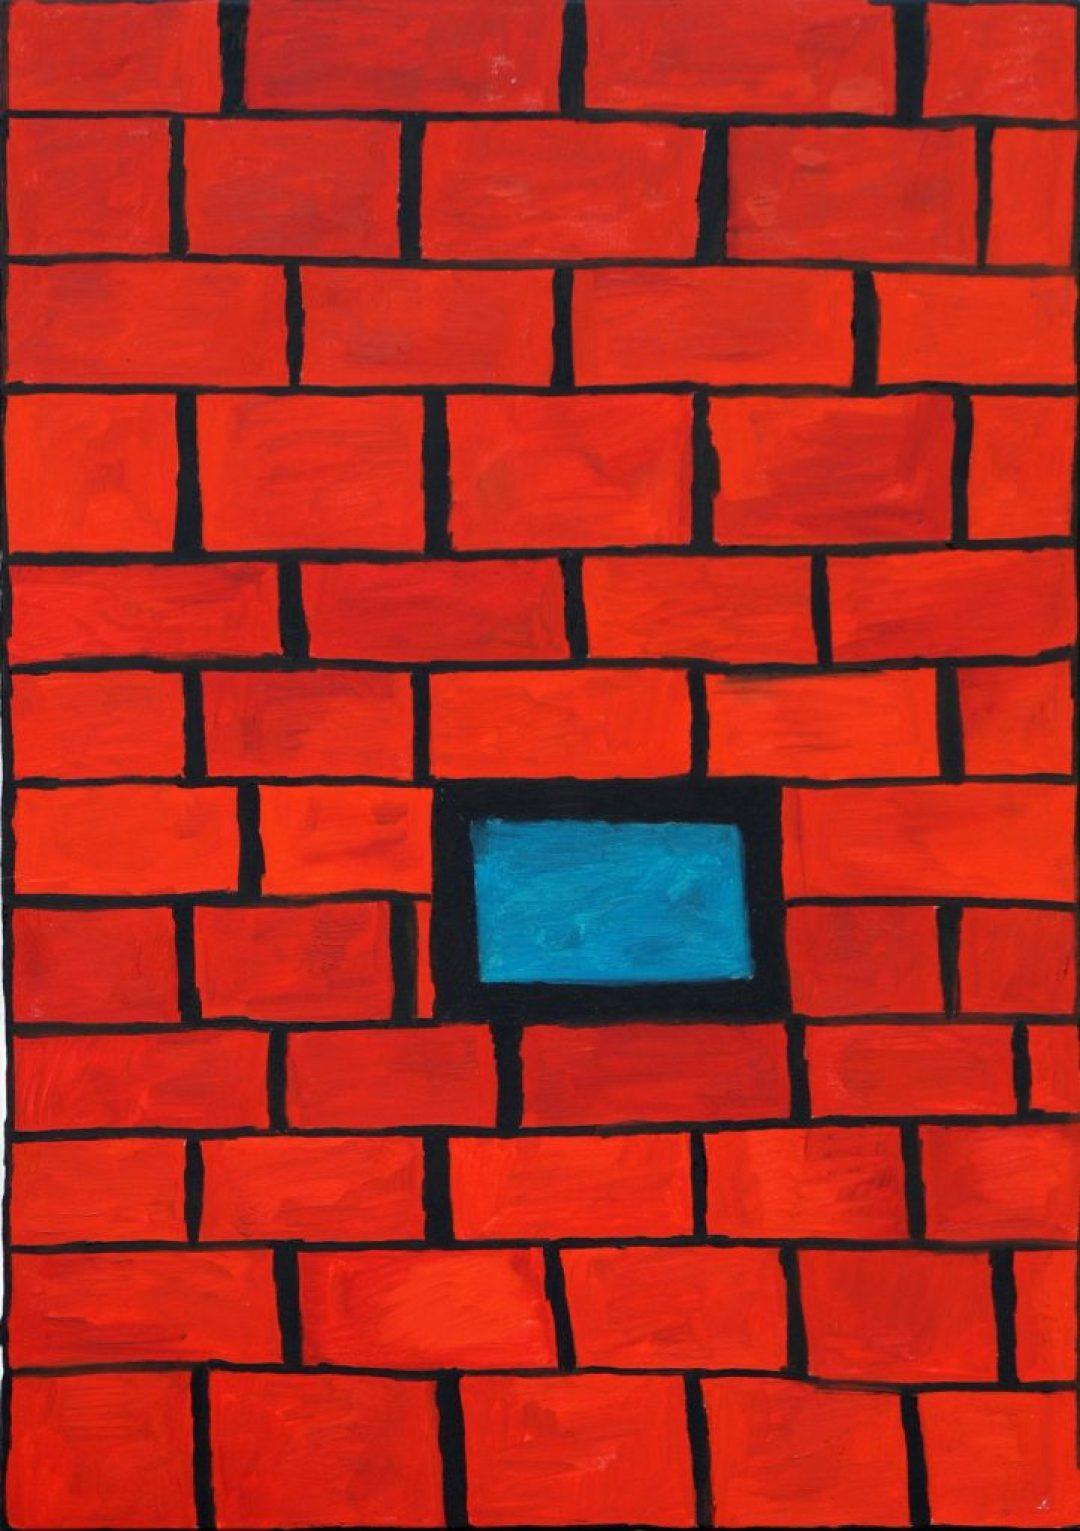 Louis Van Baelens, sans titre, 2003, peinture à l'huile sur toile, 100 x 70cm